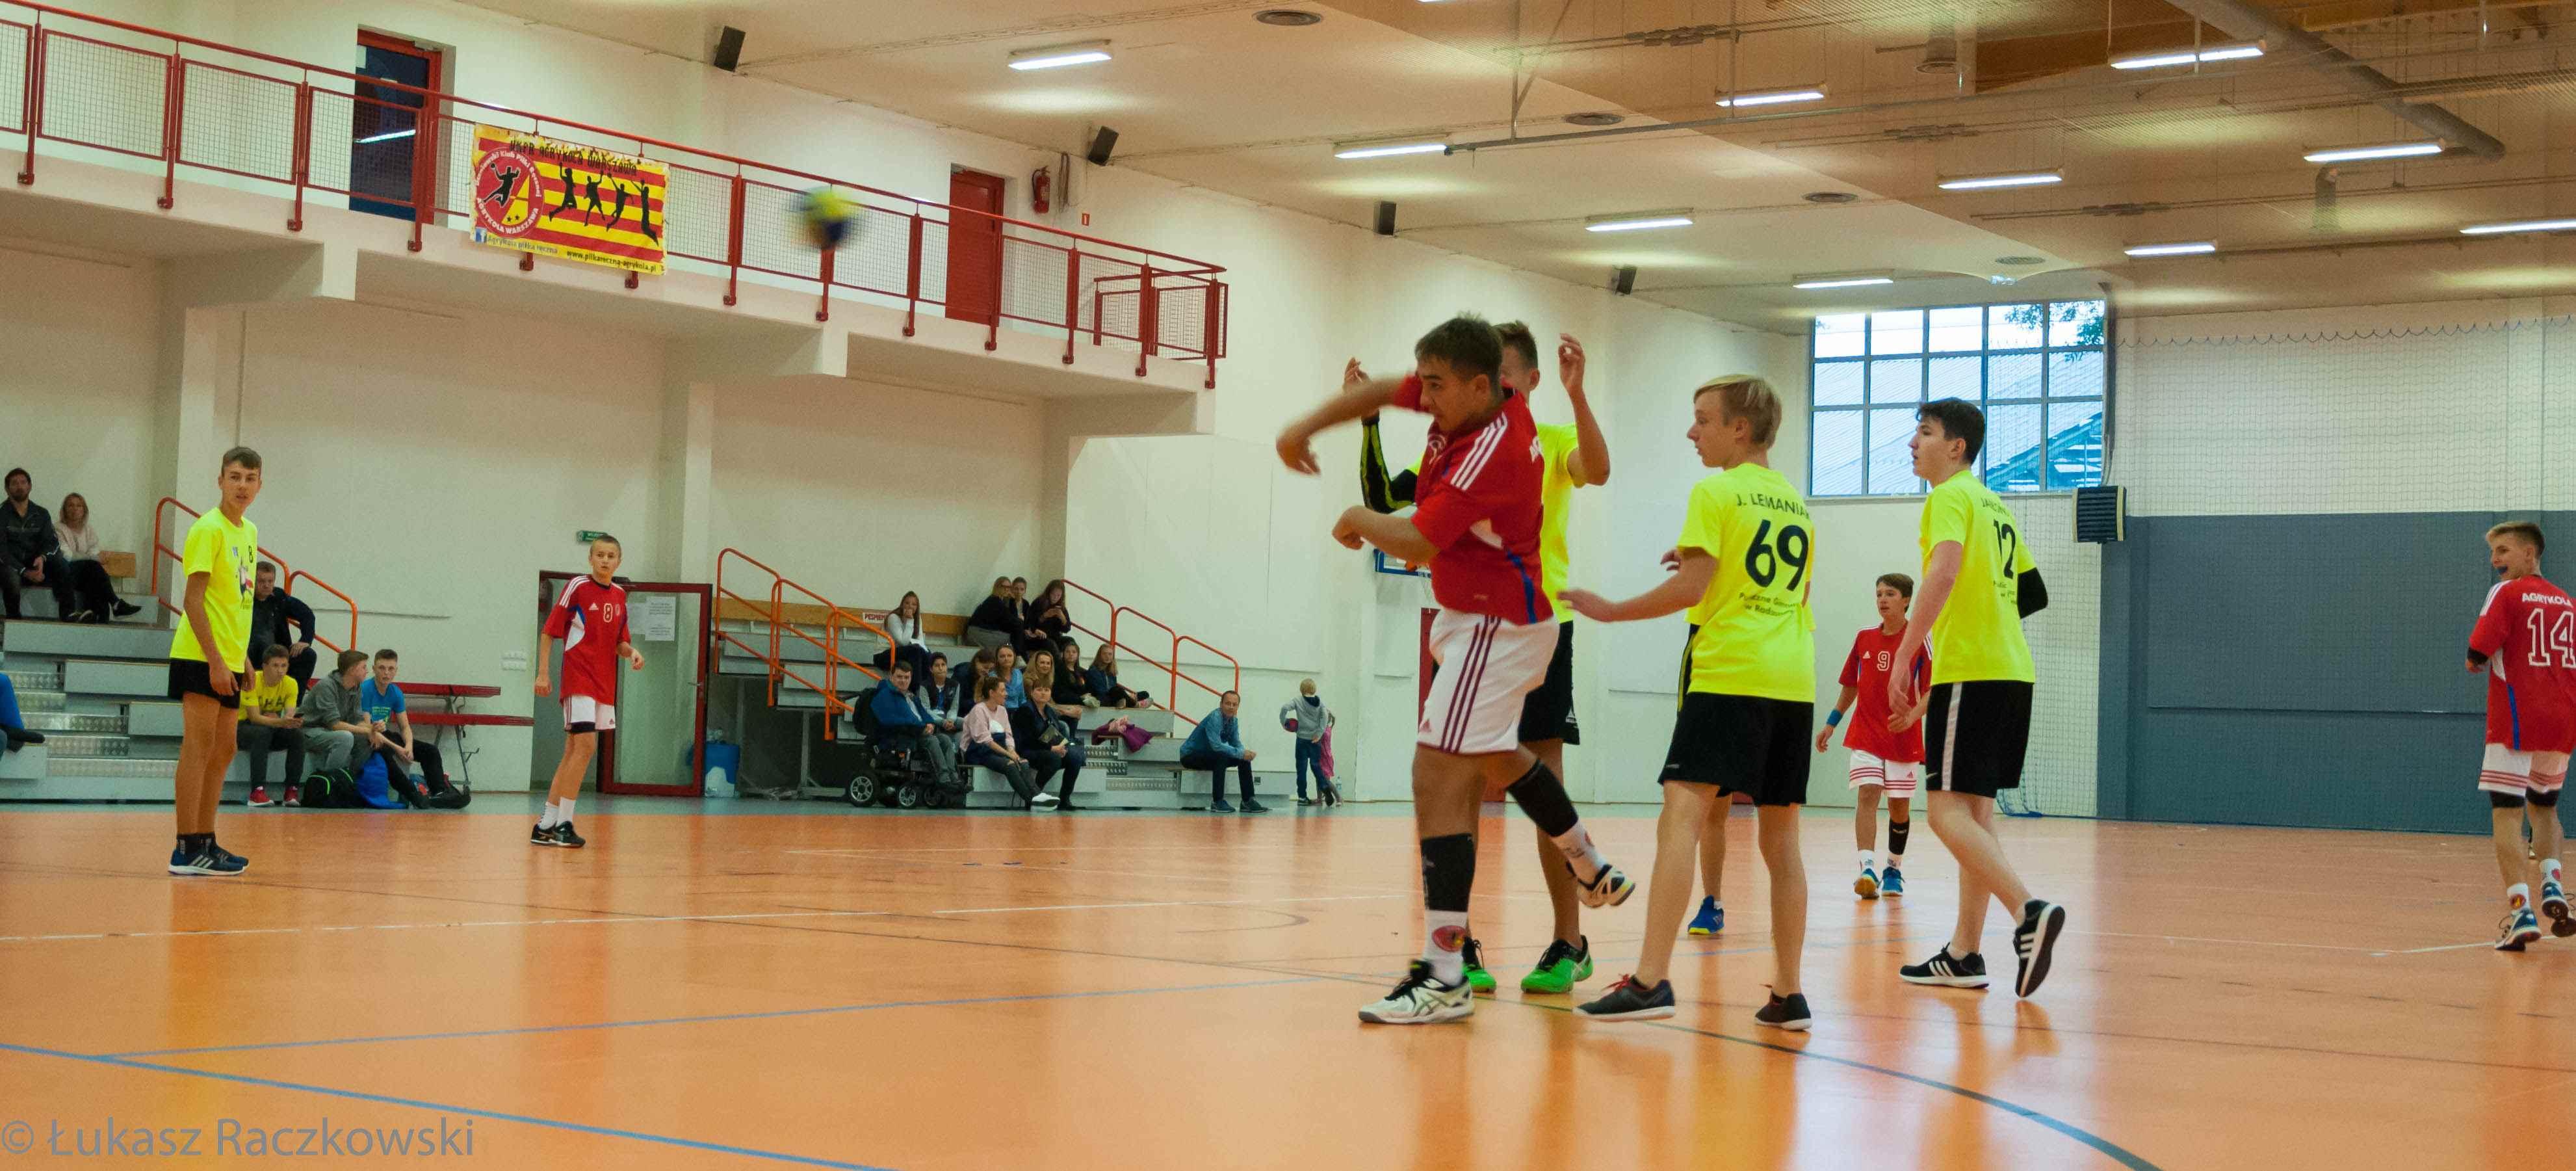 klub piłki ręcznej dla dzieci w warszawie 004